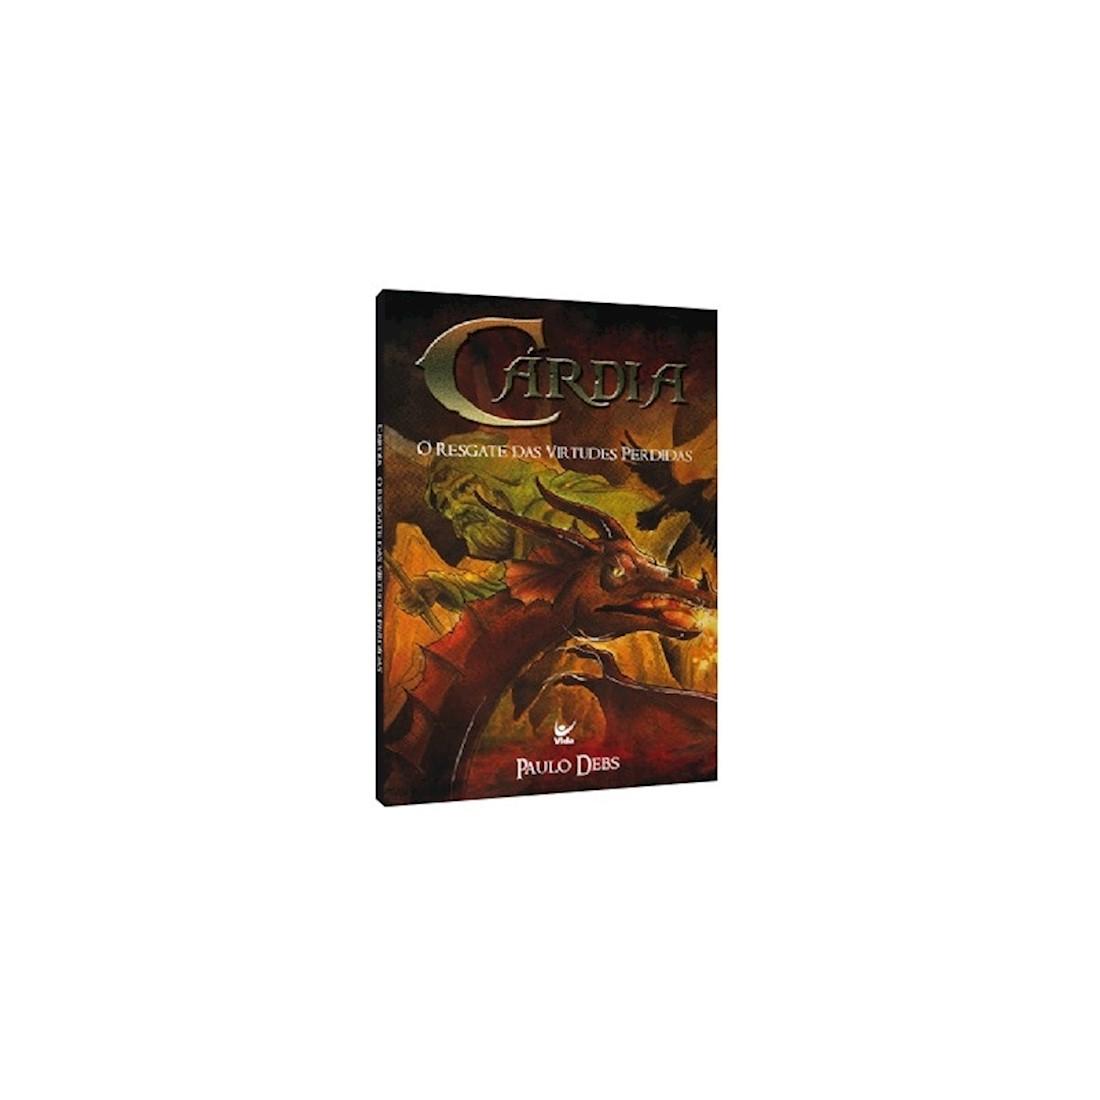 Livro Cárdia - O Resgate das Virtudes Perdidas